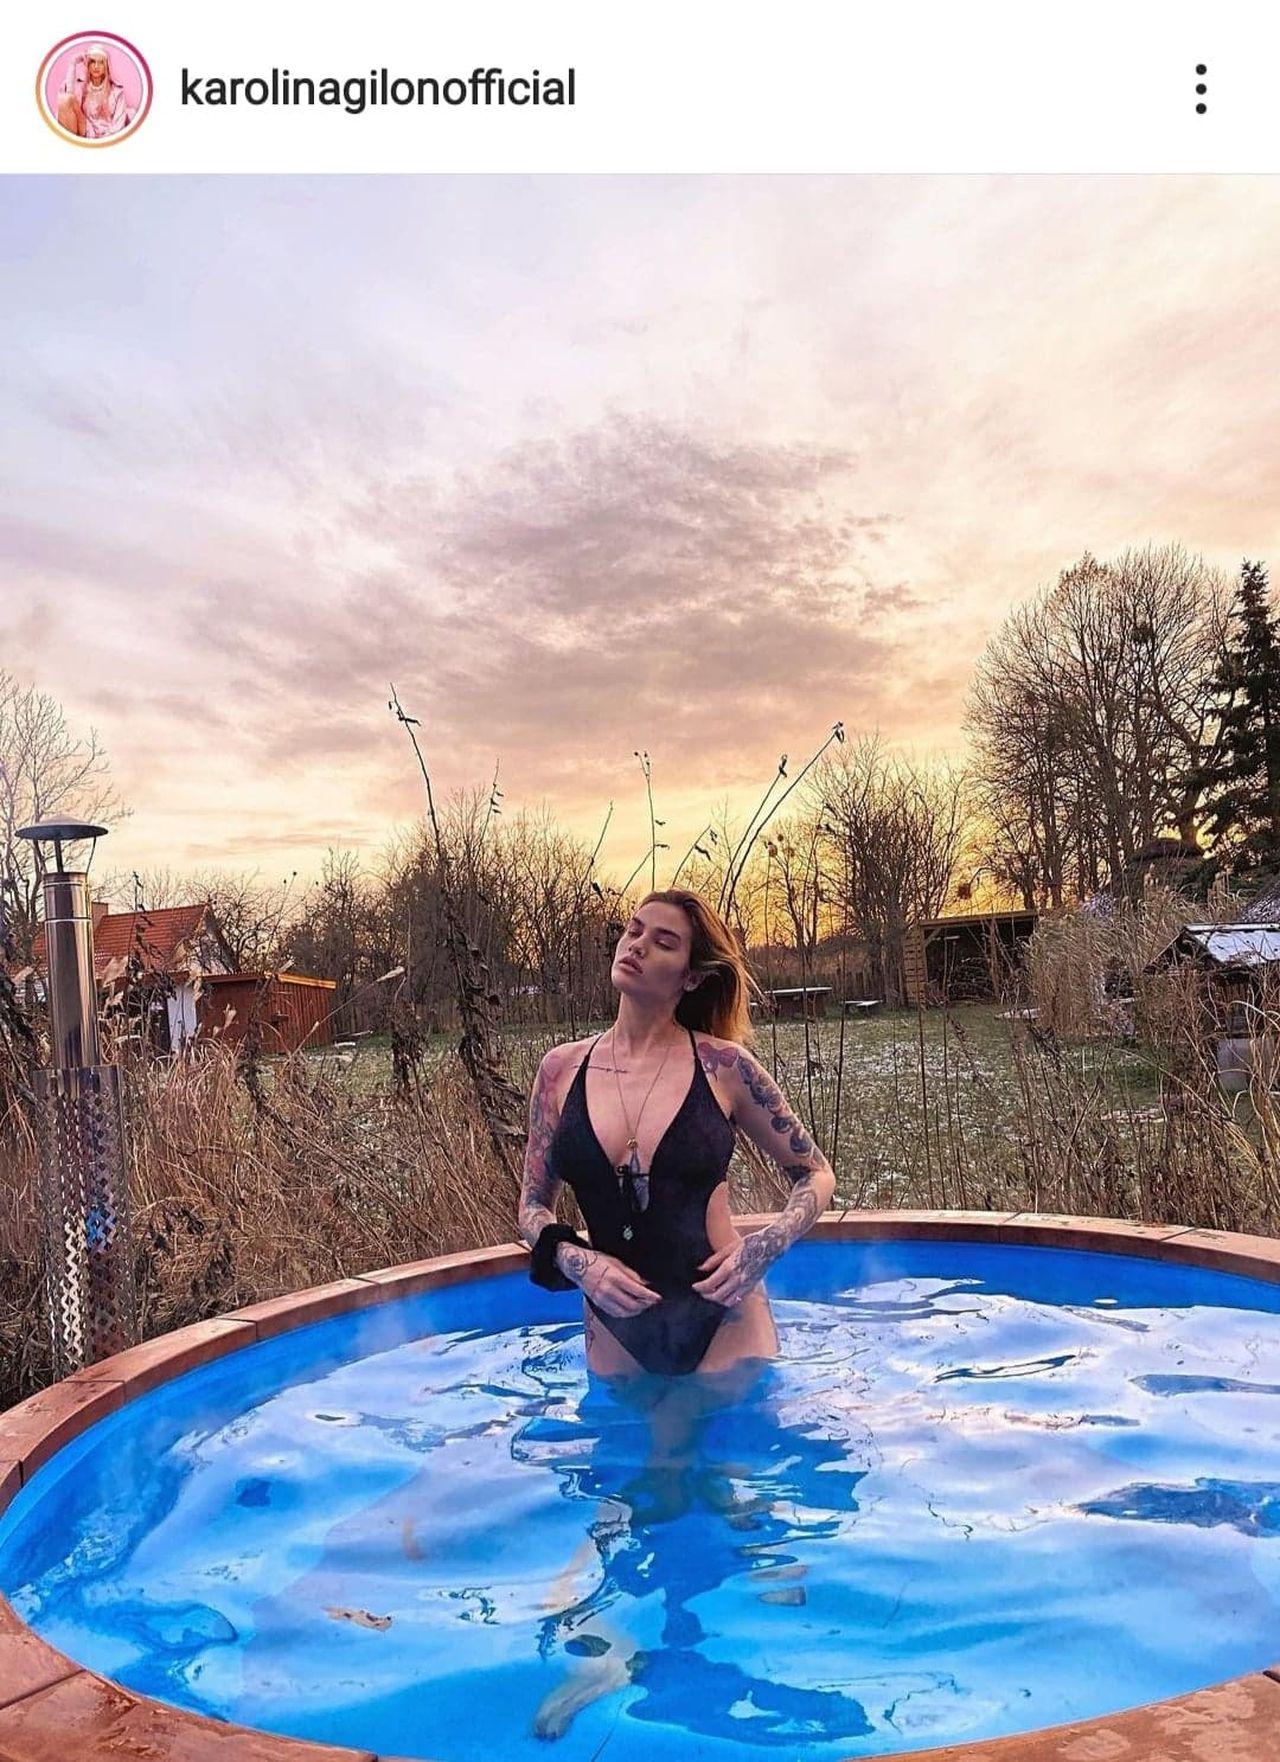 Karolina Gilon w kostiumie kąpielowym